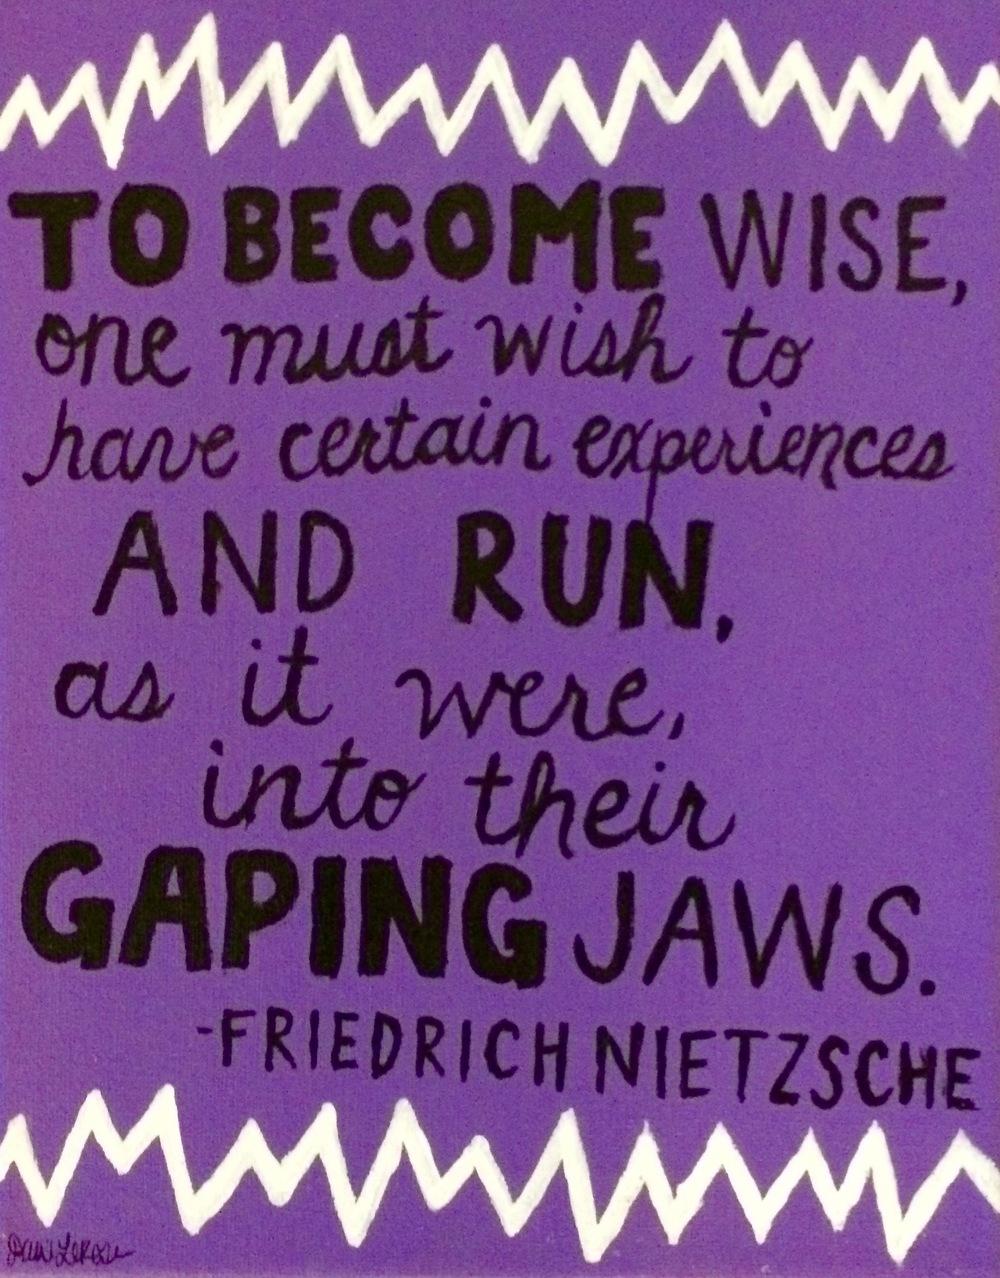 Quote Nietzsche.jpg